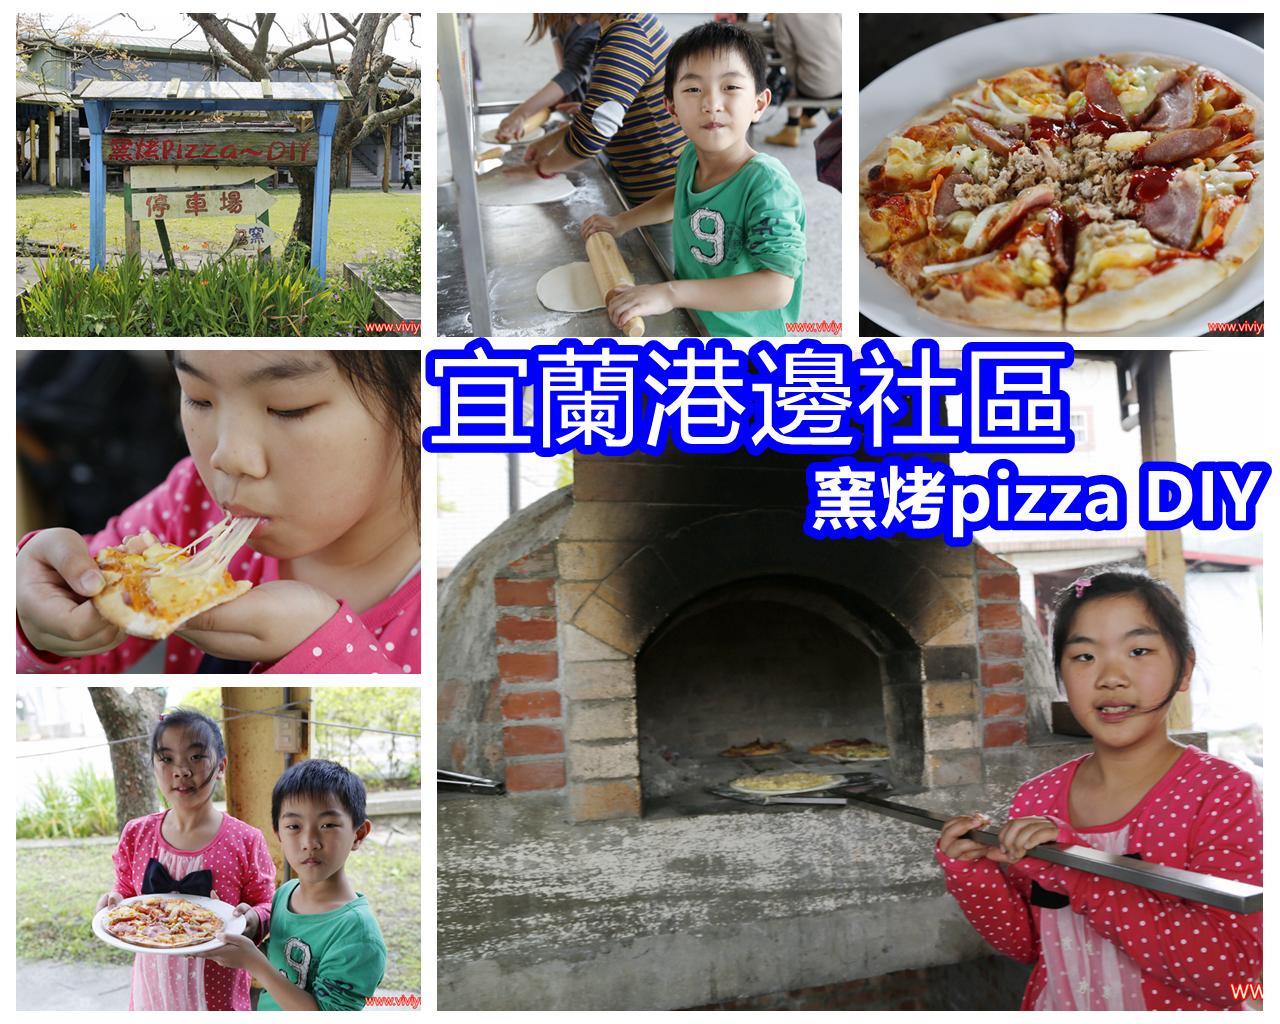 [宜蘭.旅遊]港邊社區窯烤披薩~體驗窯烤Pizza DIY的製作♡親子DIY體驗♡自己動手做最有成就感